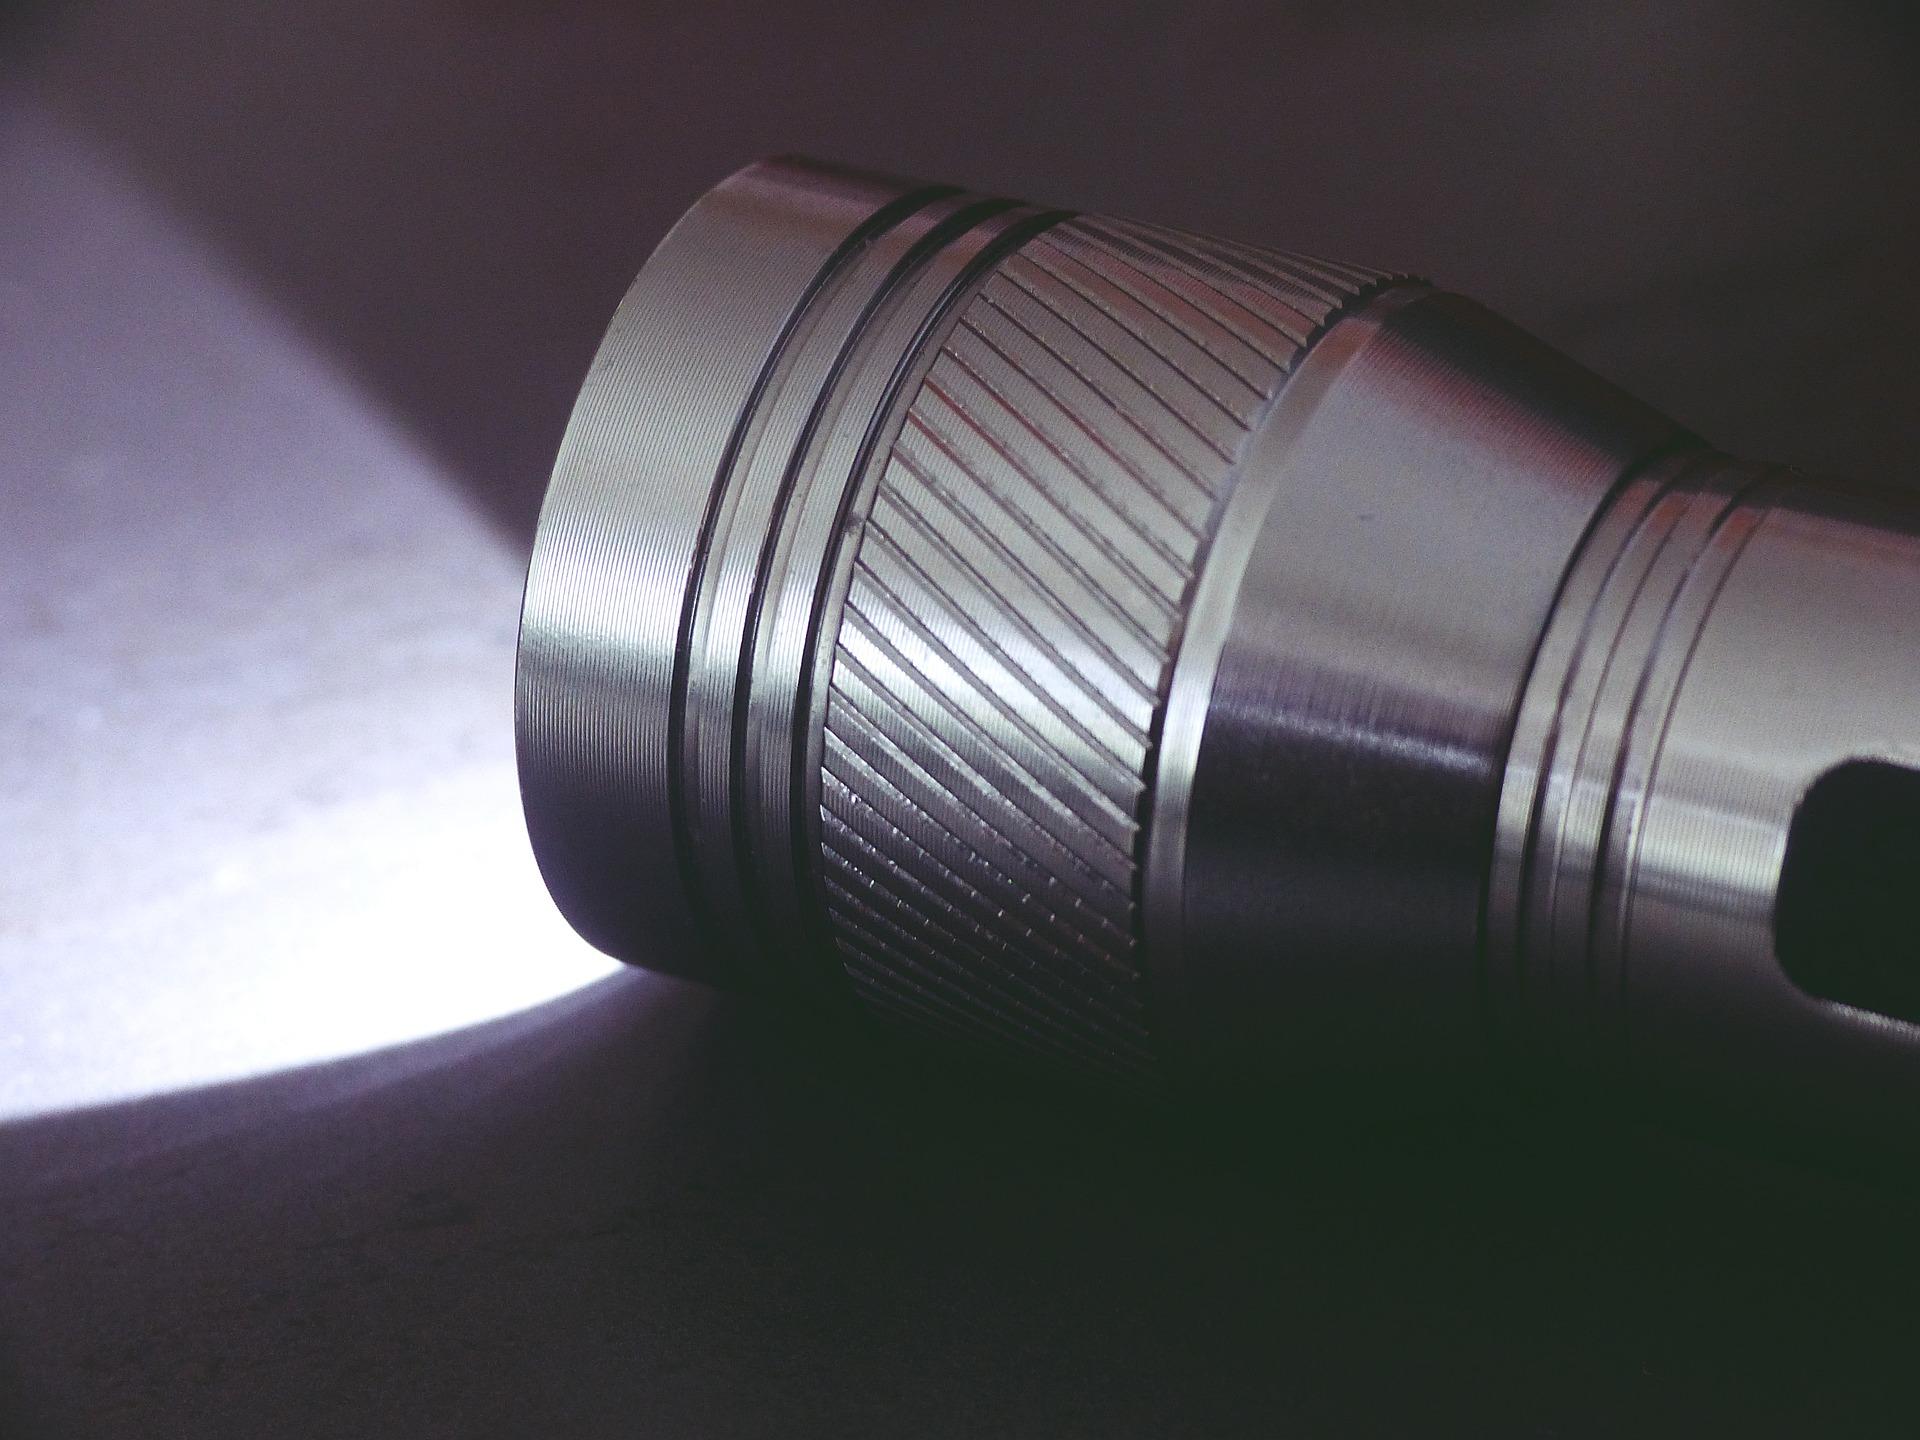 Imagem aproximada de lanterna metálica ligada